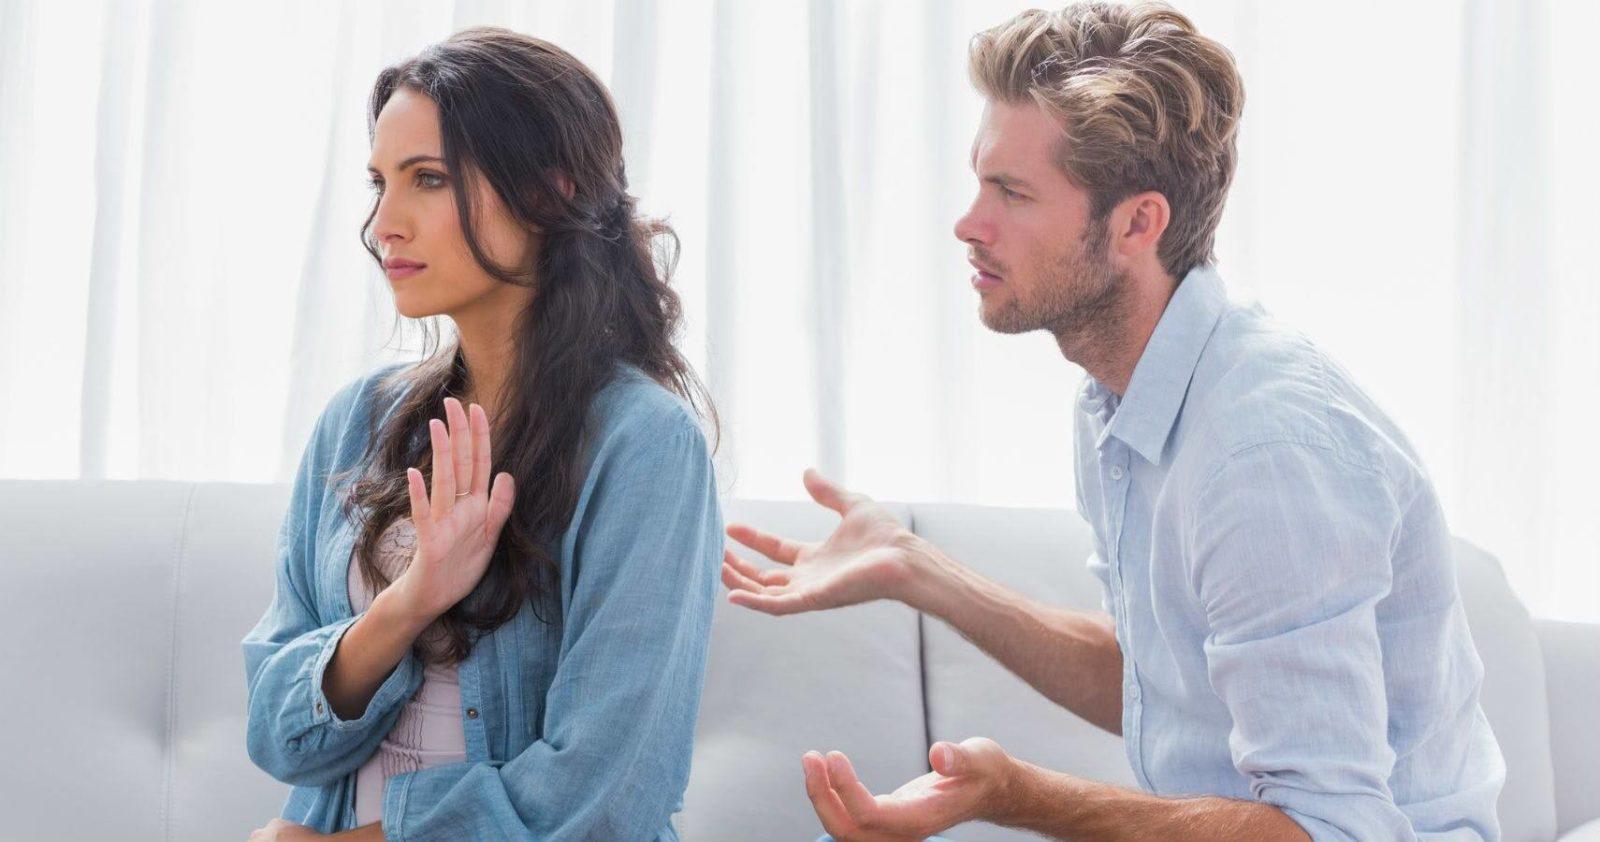 Что делать парню, если девушка не хочет общаться